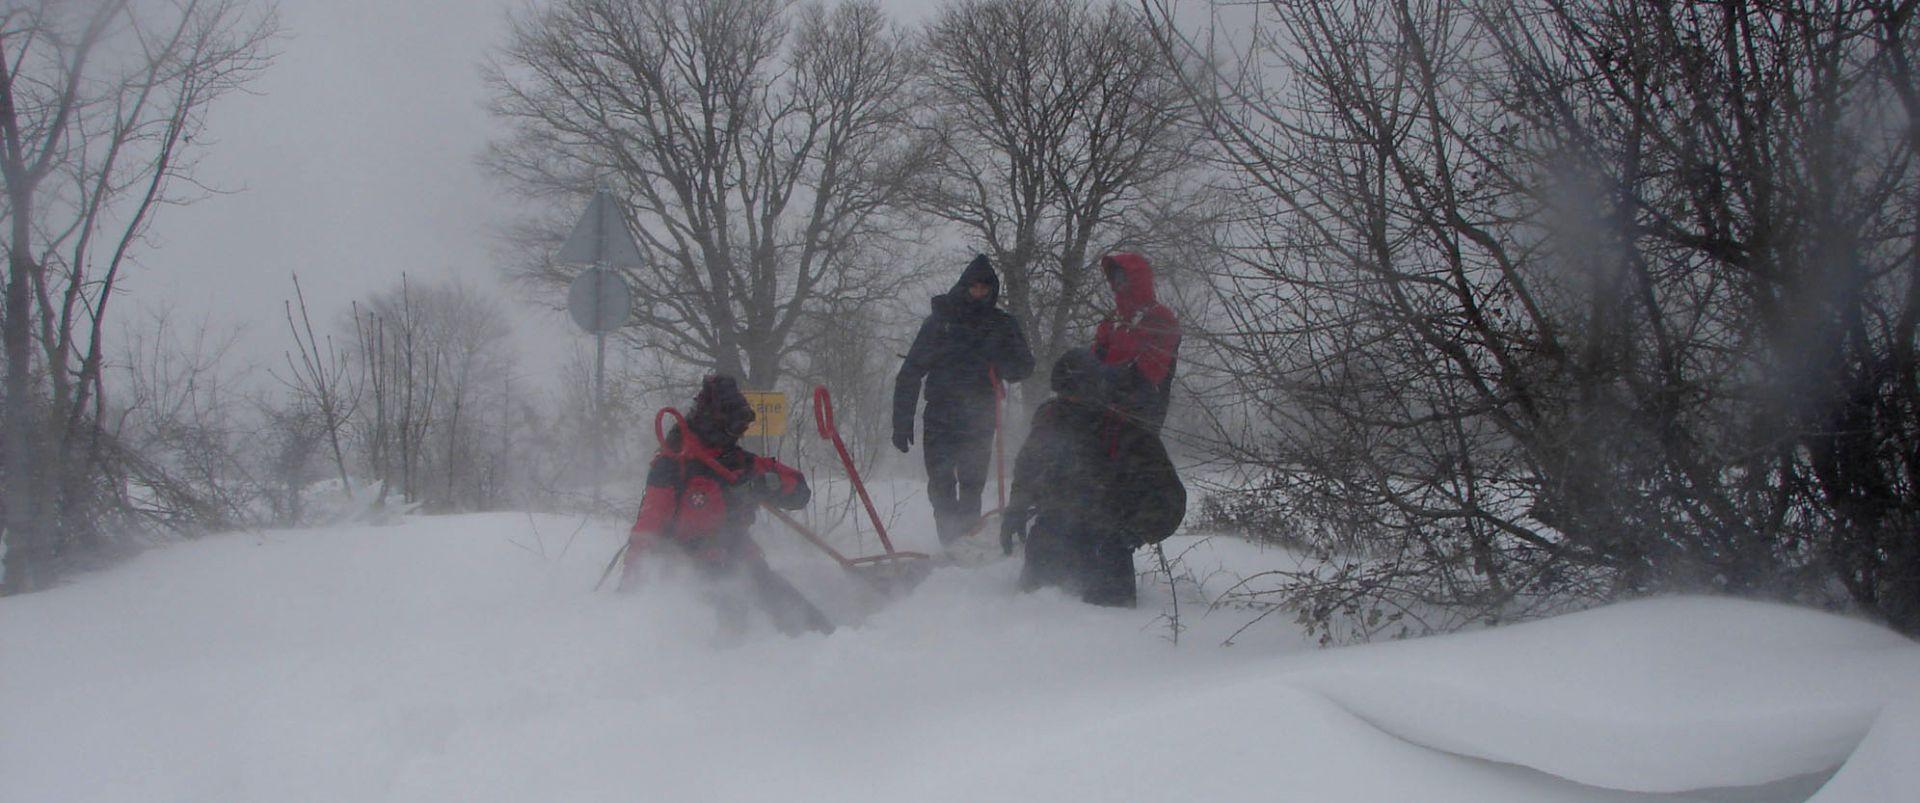 HGSS Makarske spasio 11 izletnika sa snježnog Biokova